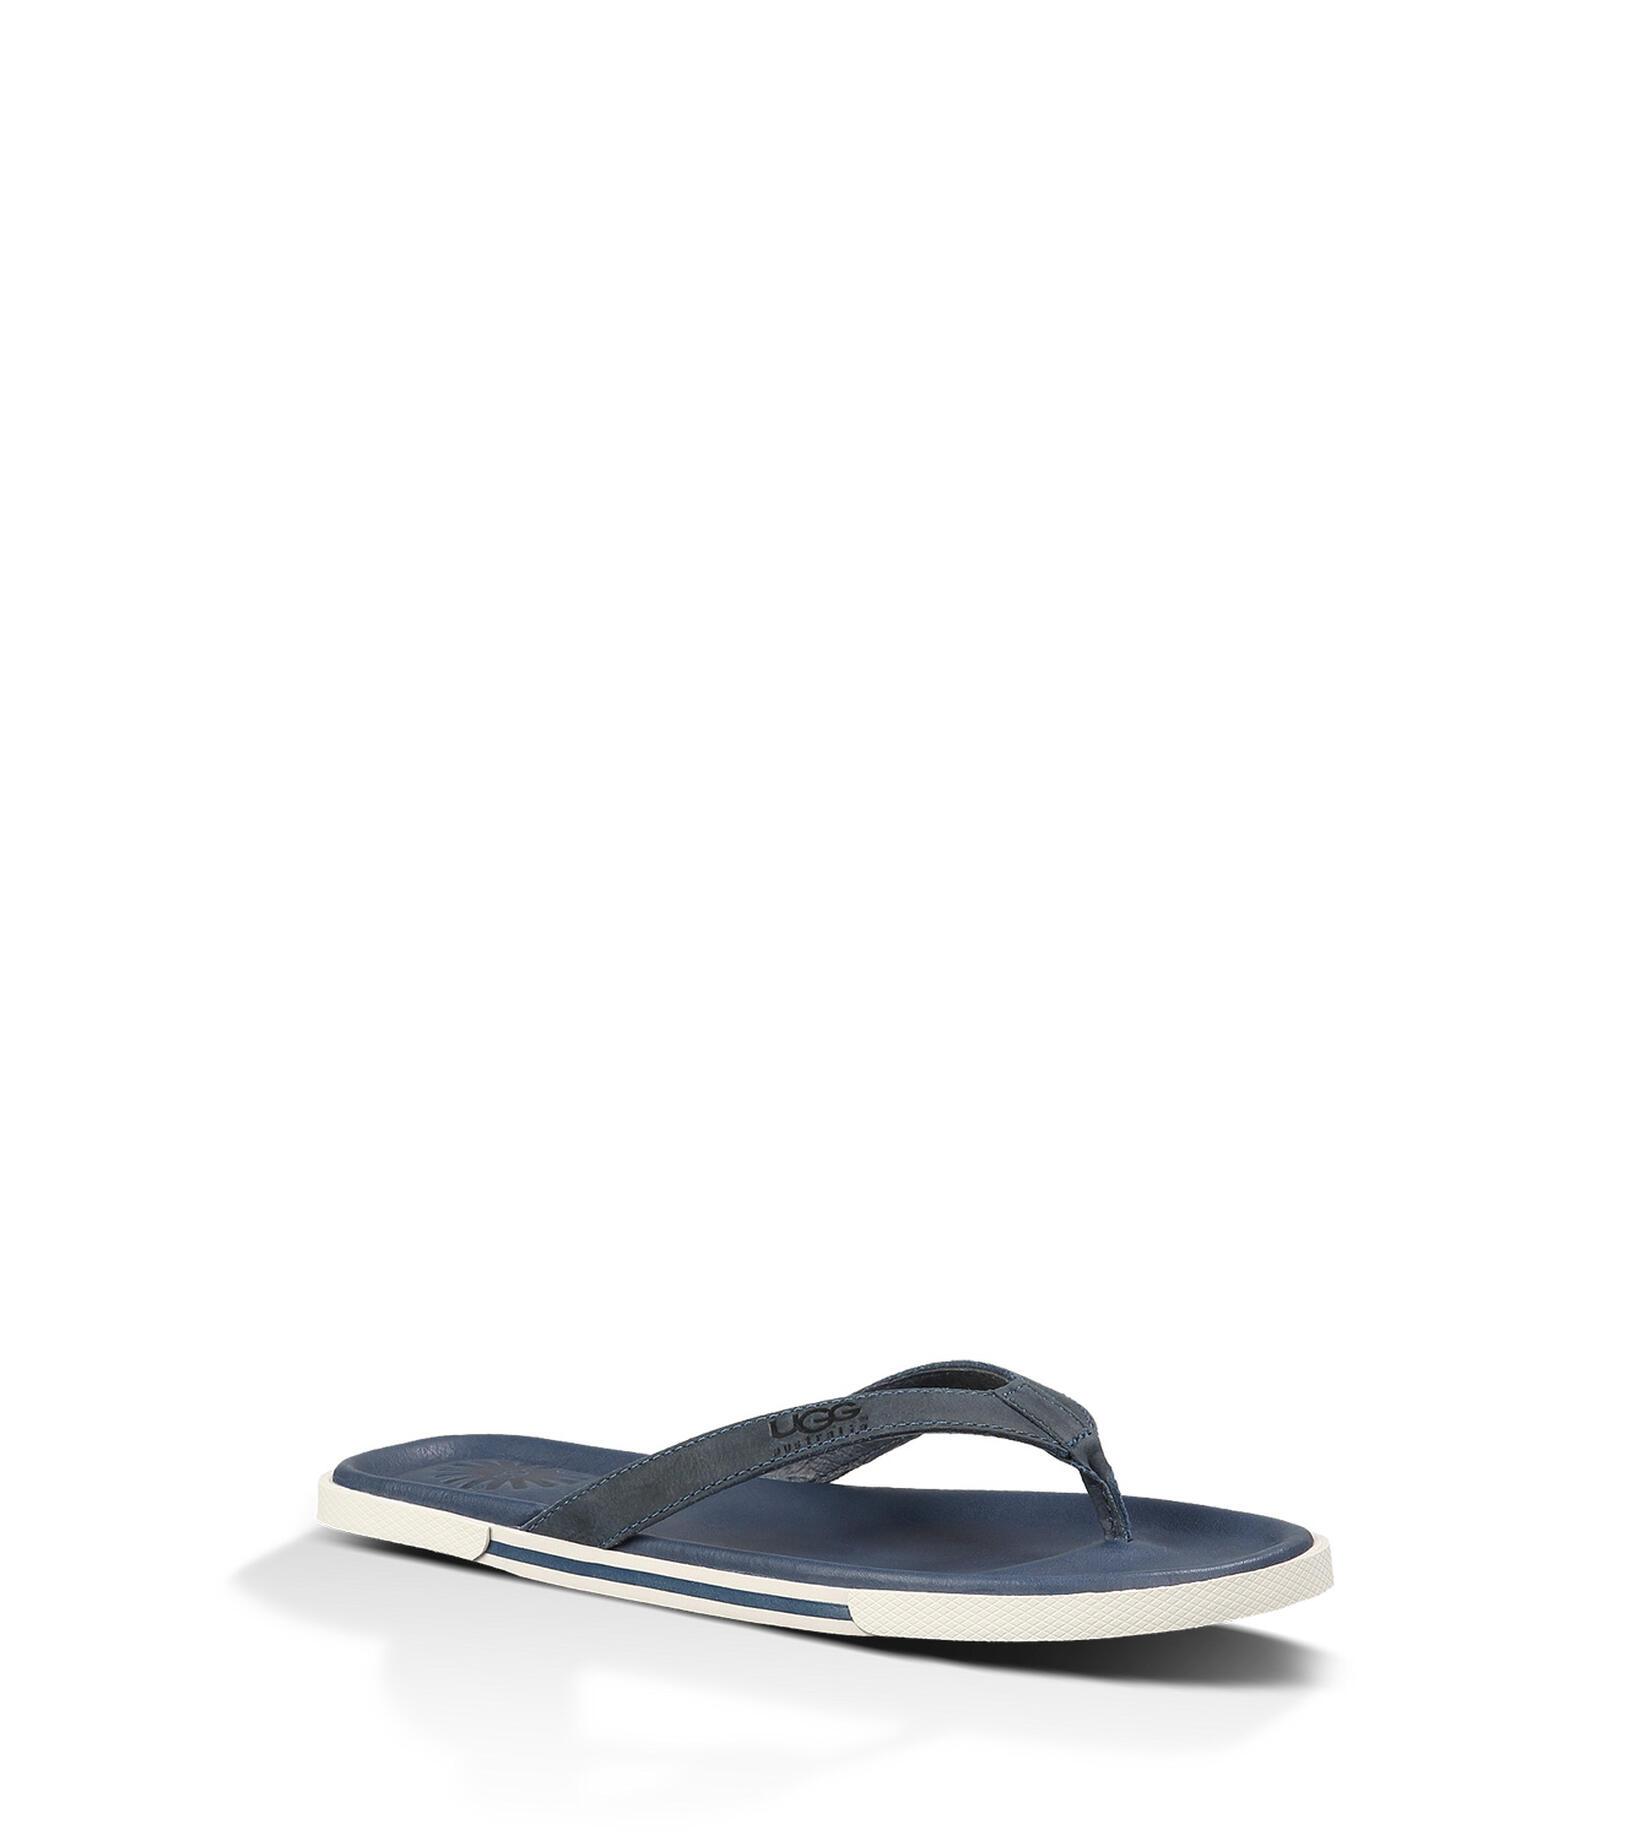 Bennison II Flip Flop